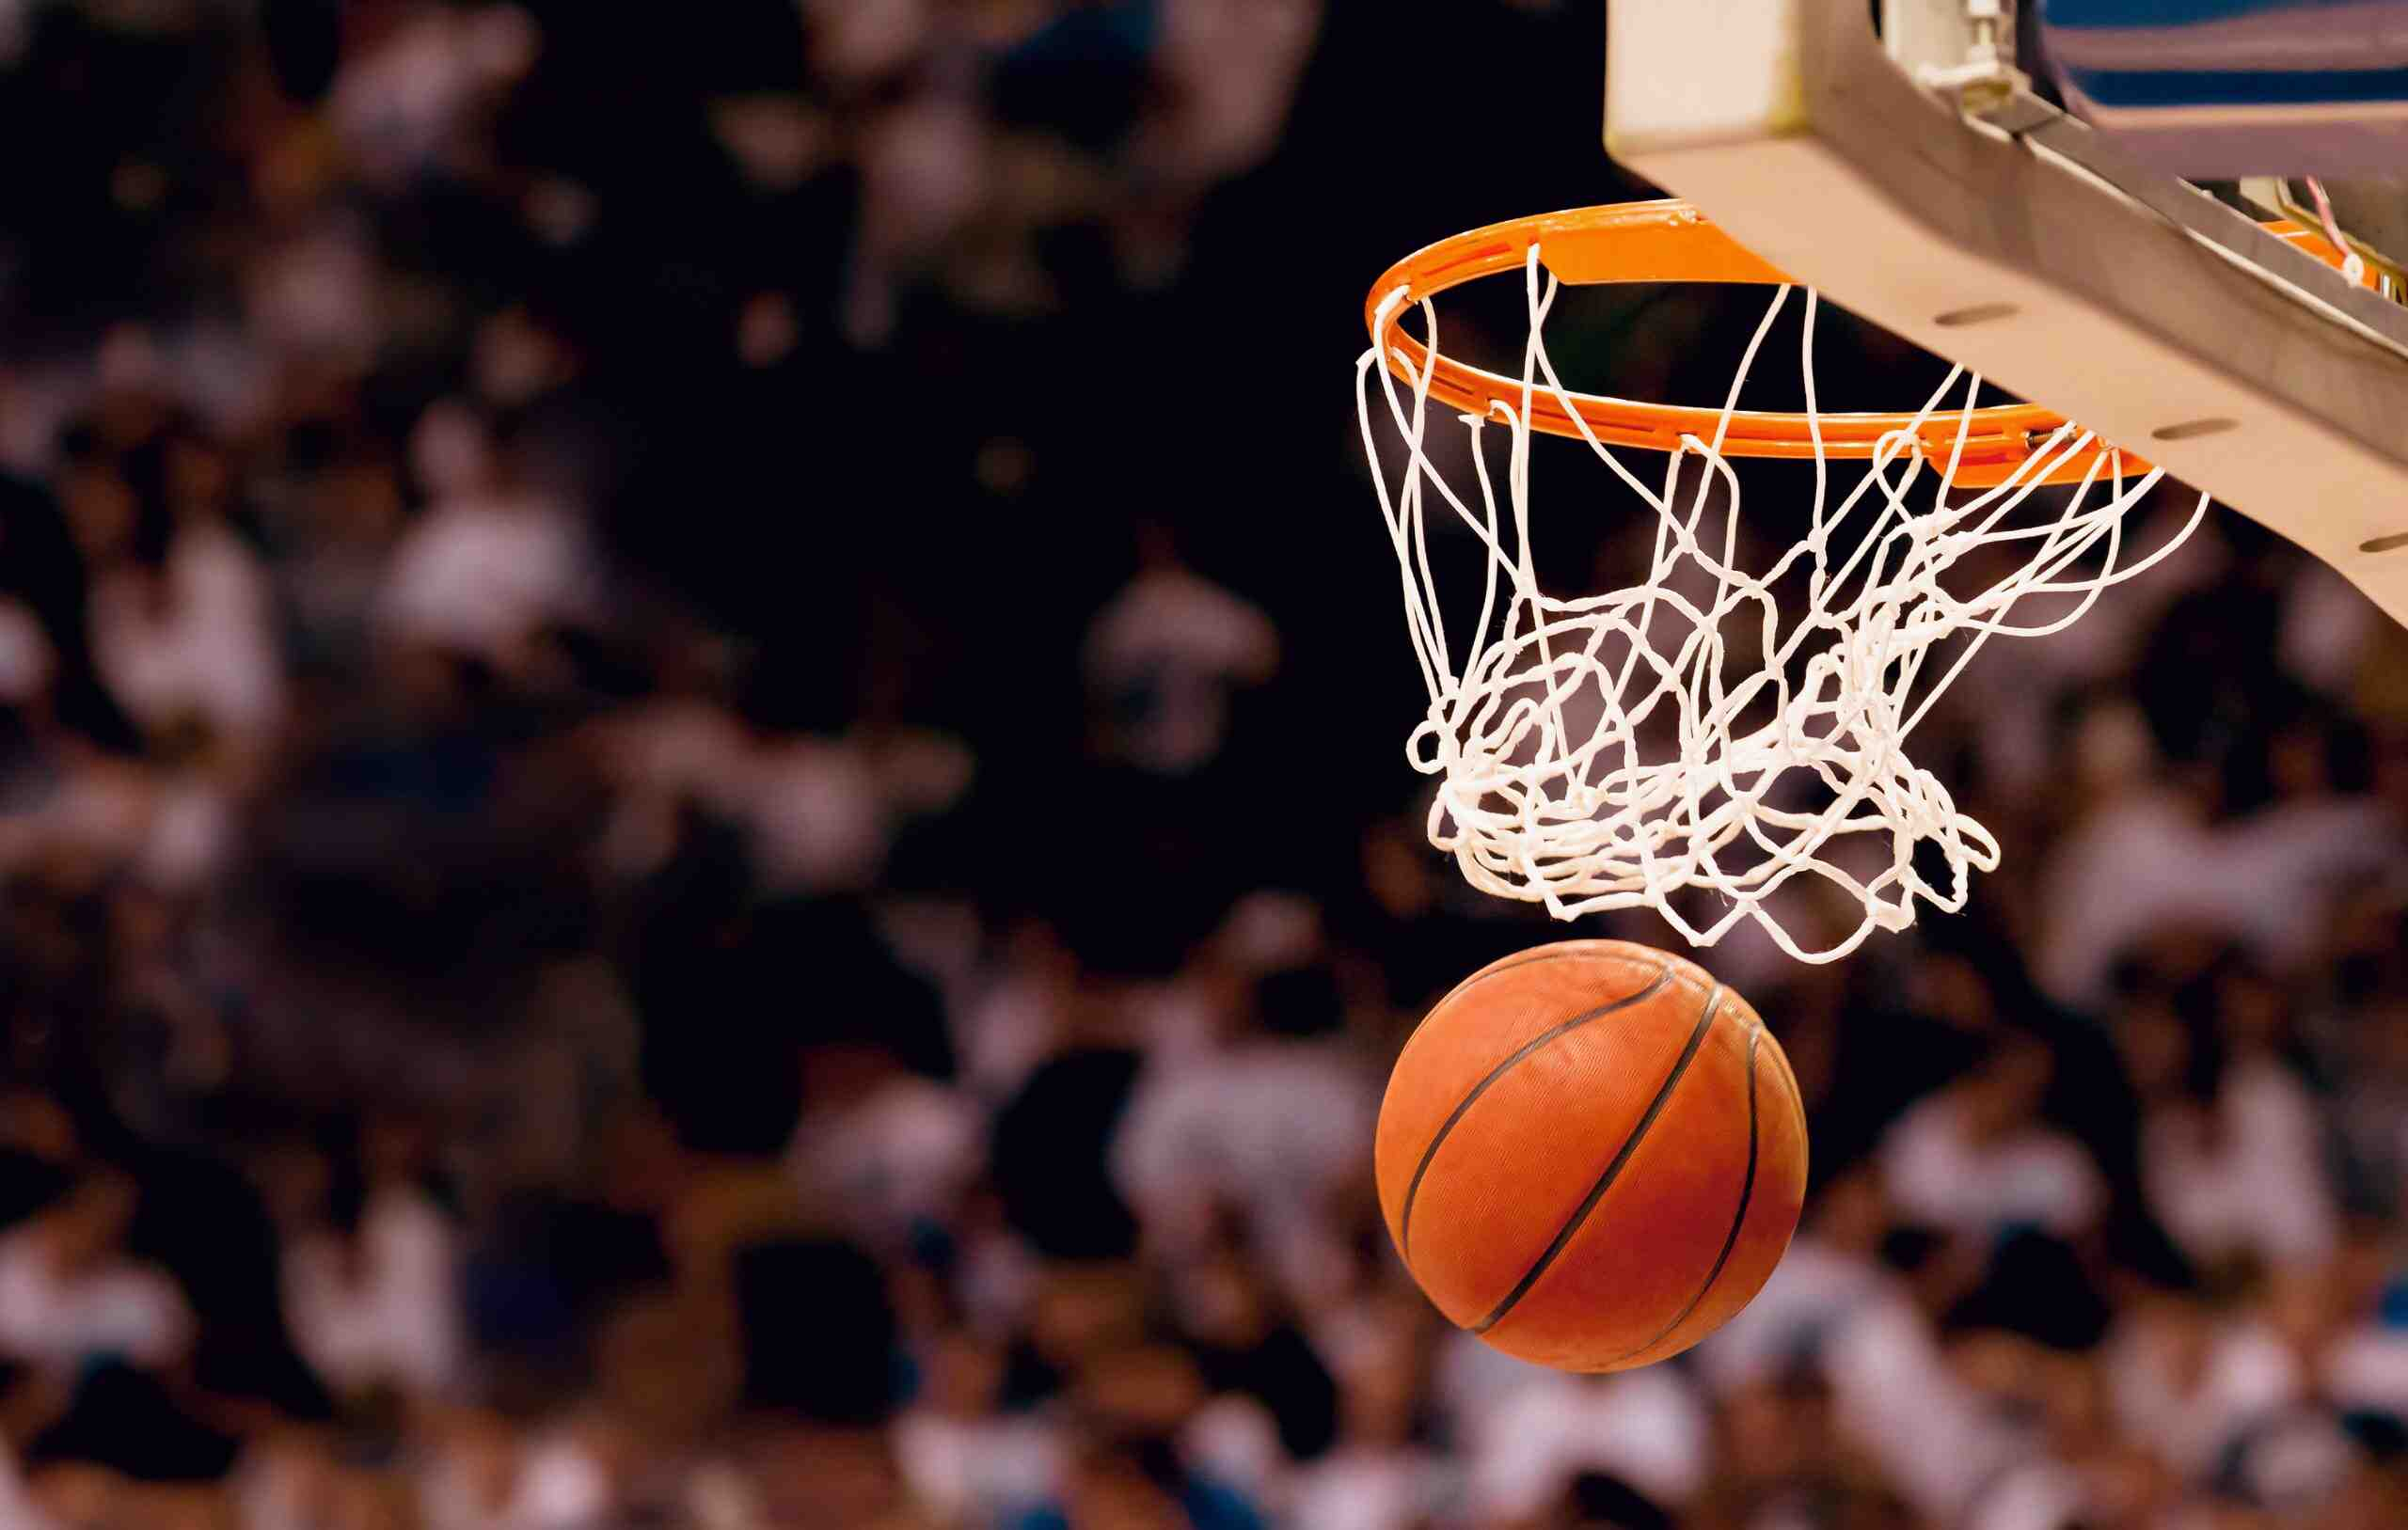 Quelle équipe de basket américaine est sacrée championne de NBA en 2000 ?